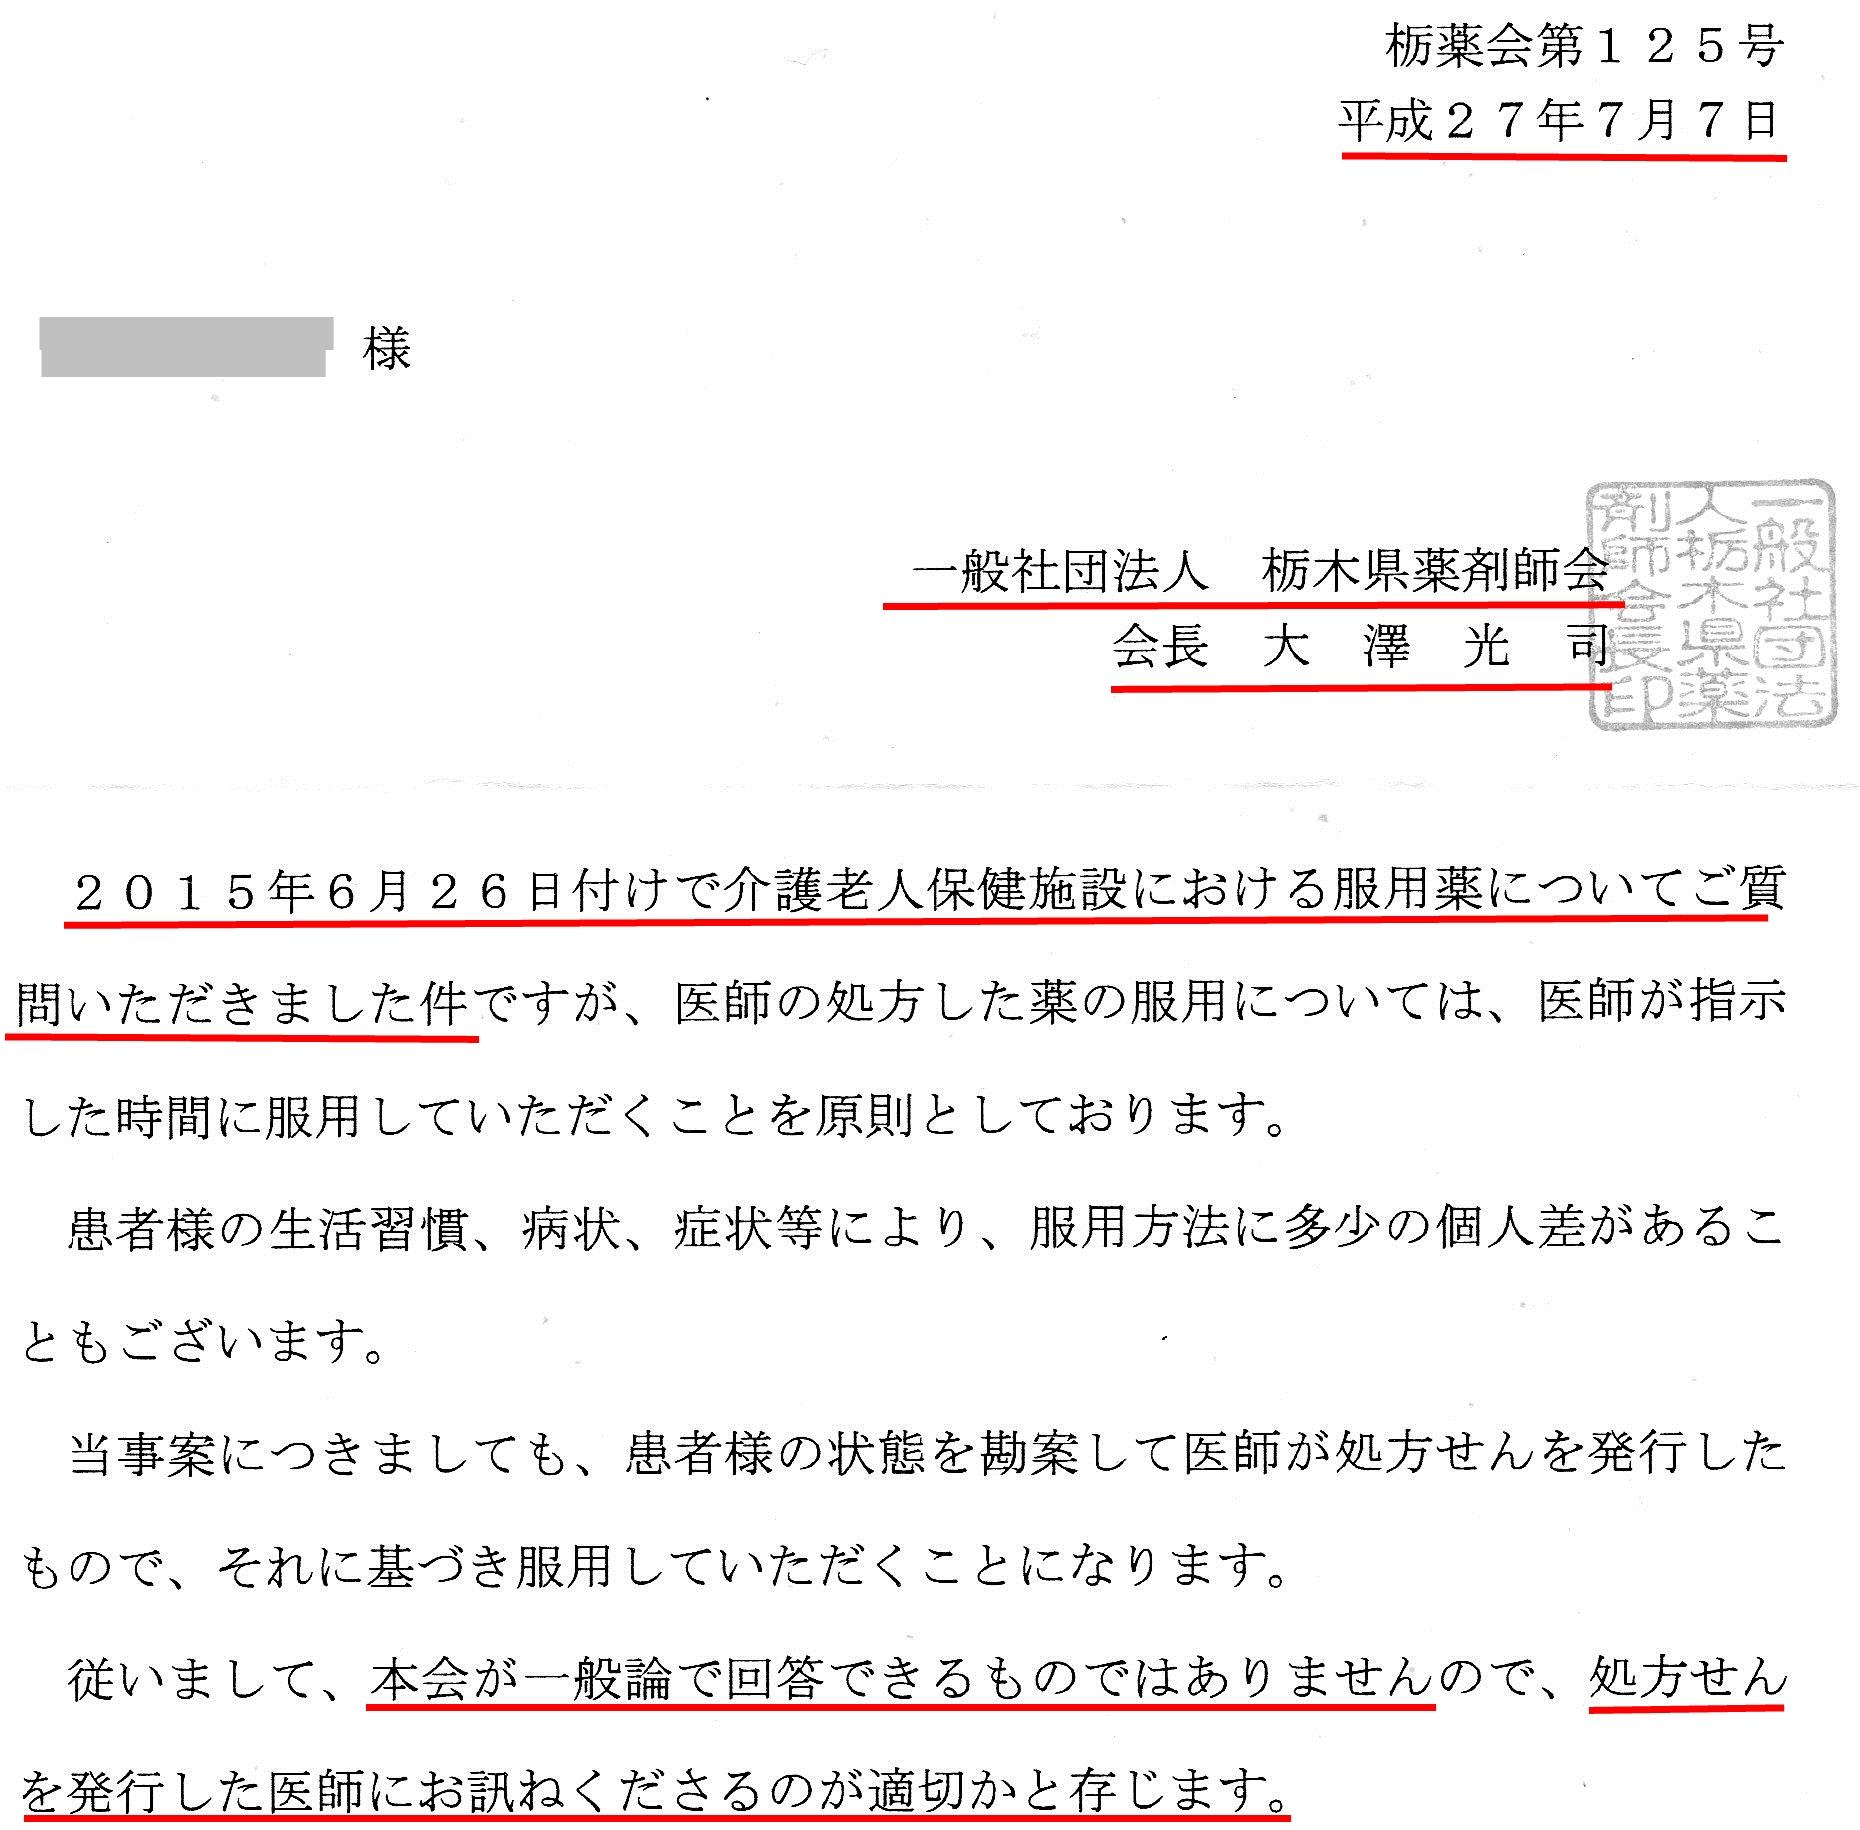 栃木県薬剤師会